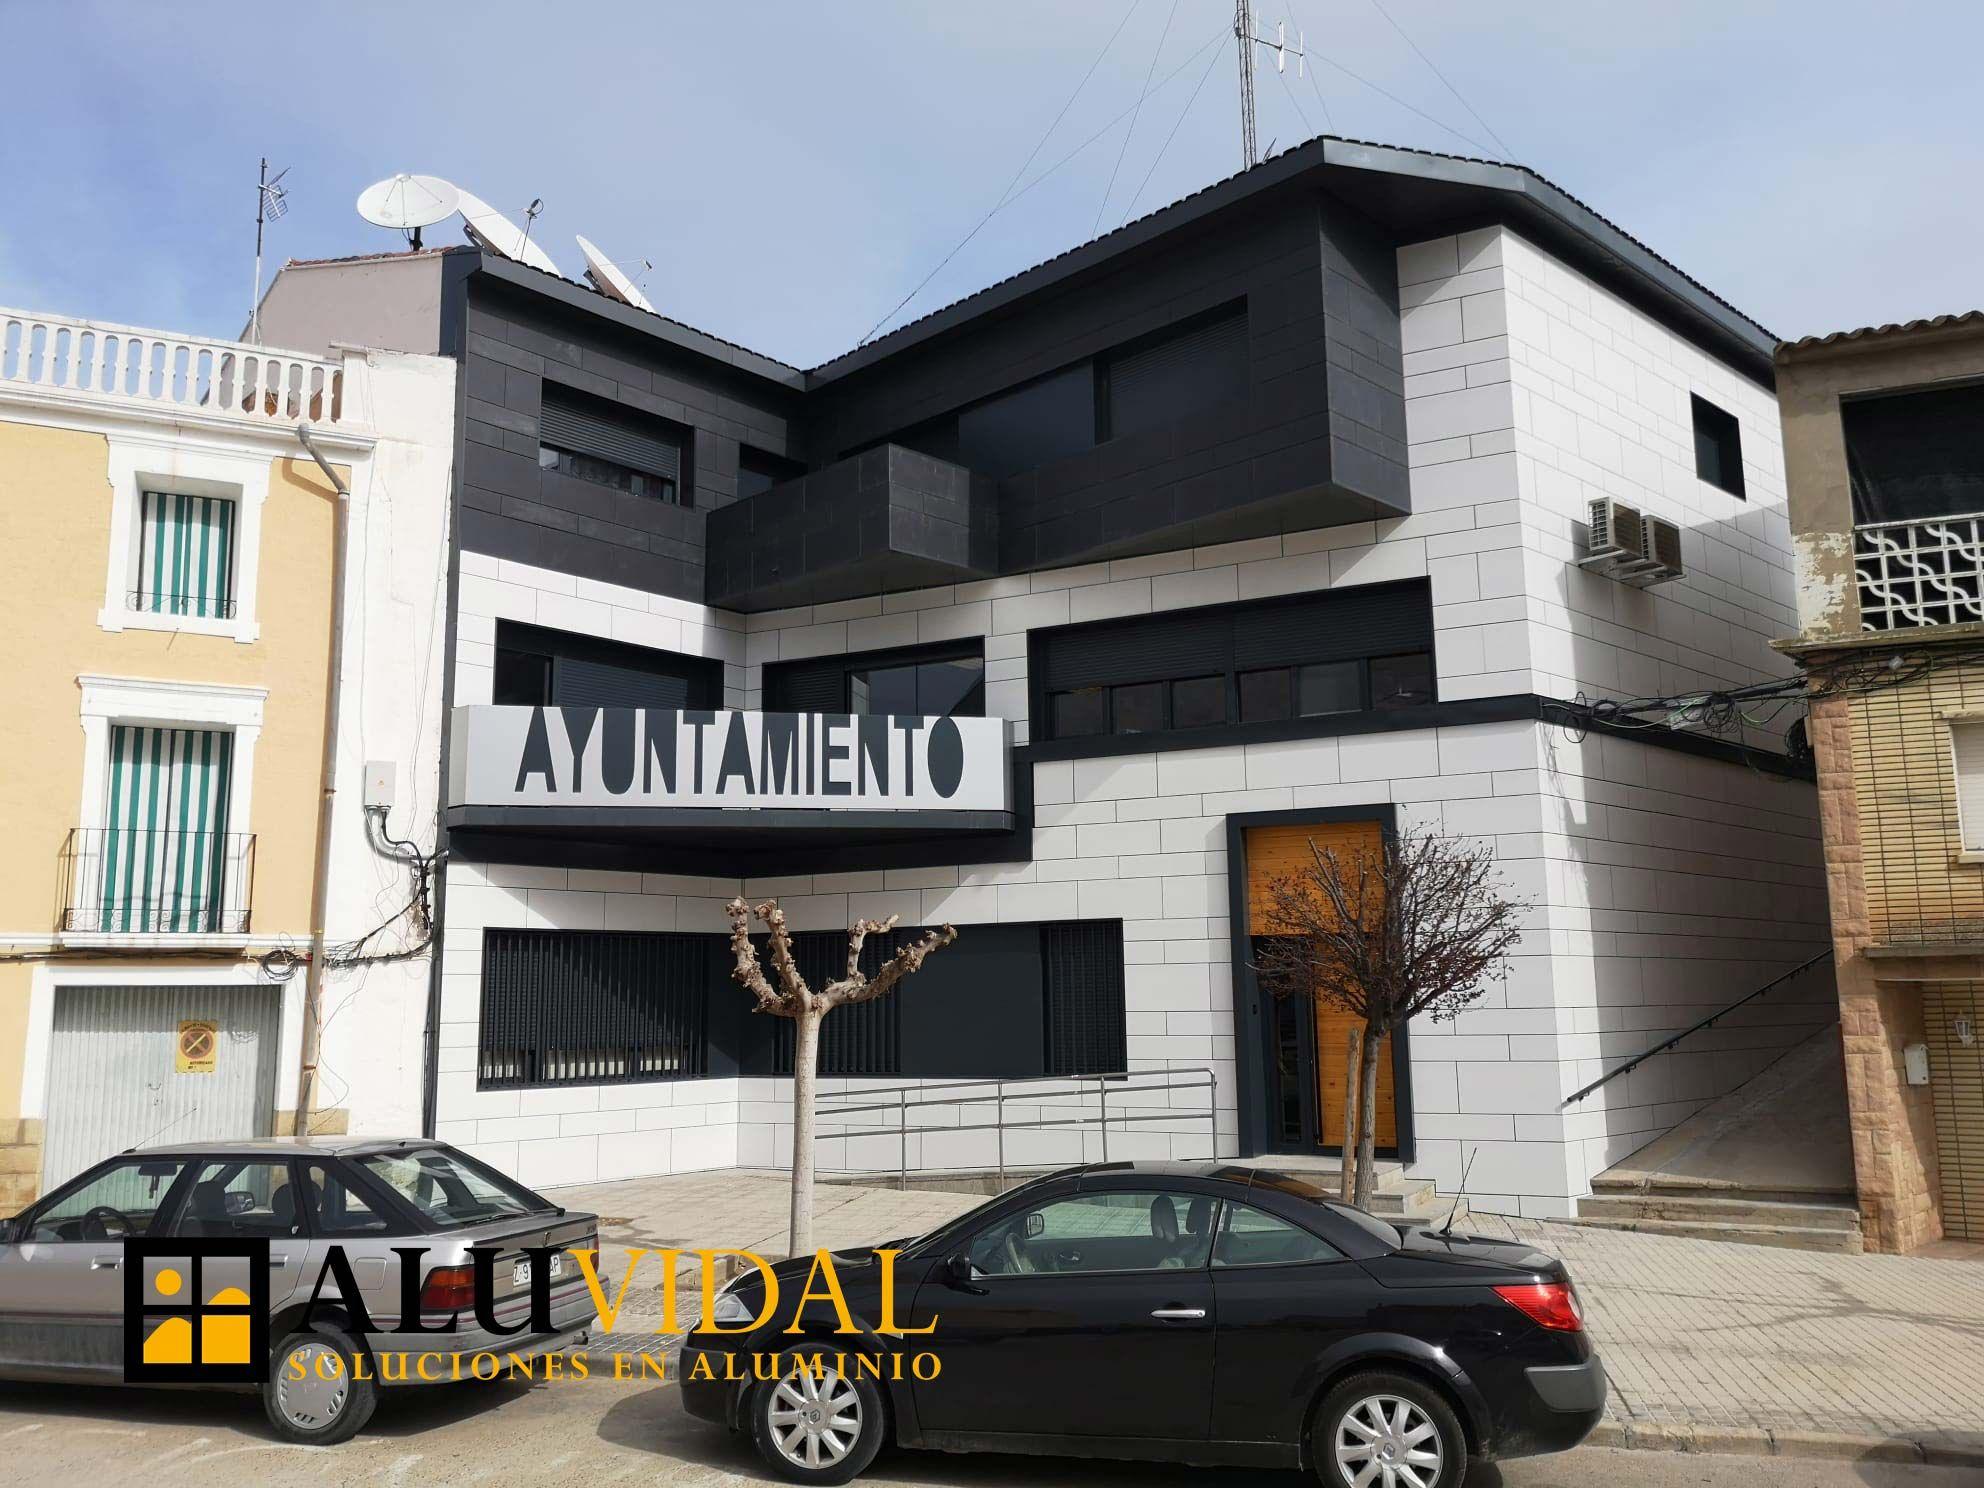 Aluvidal ha formado parte de la reforma de la fachada del Ayuntamiento de Sástago